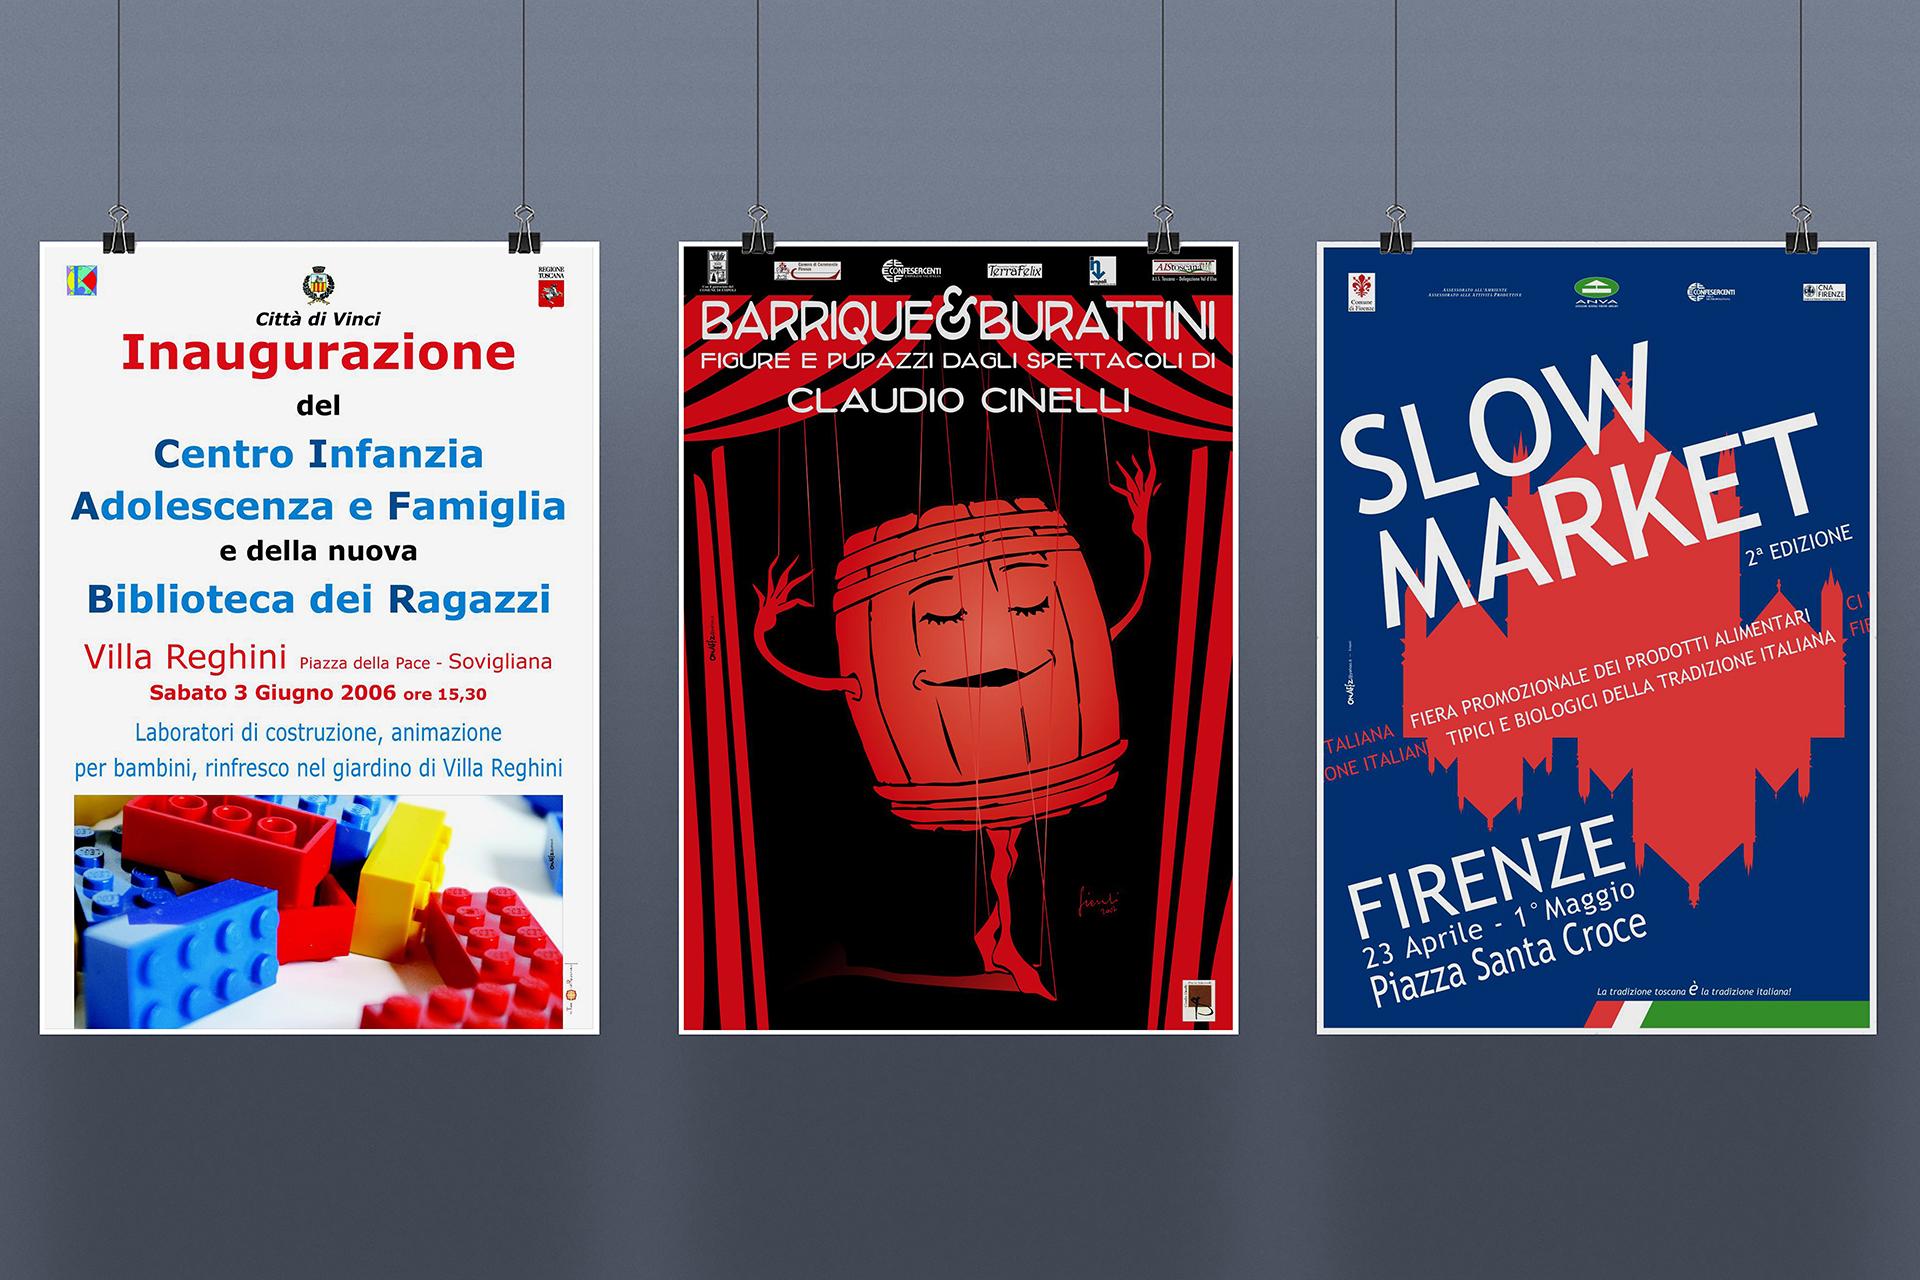 onafez design confesercenti poster adv villa regimi vinci barrique burattini claudio tinelli slow market firenze